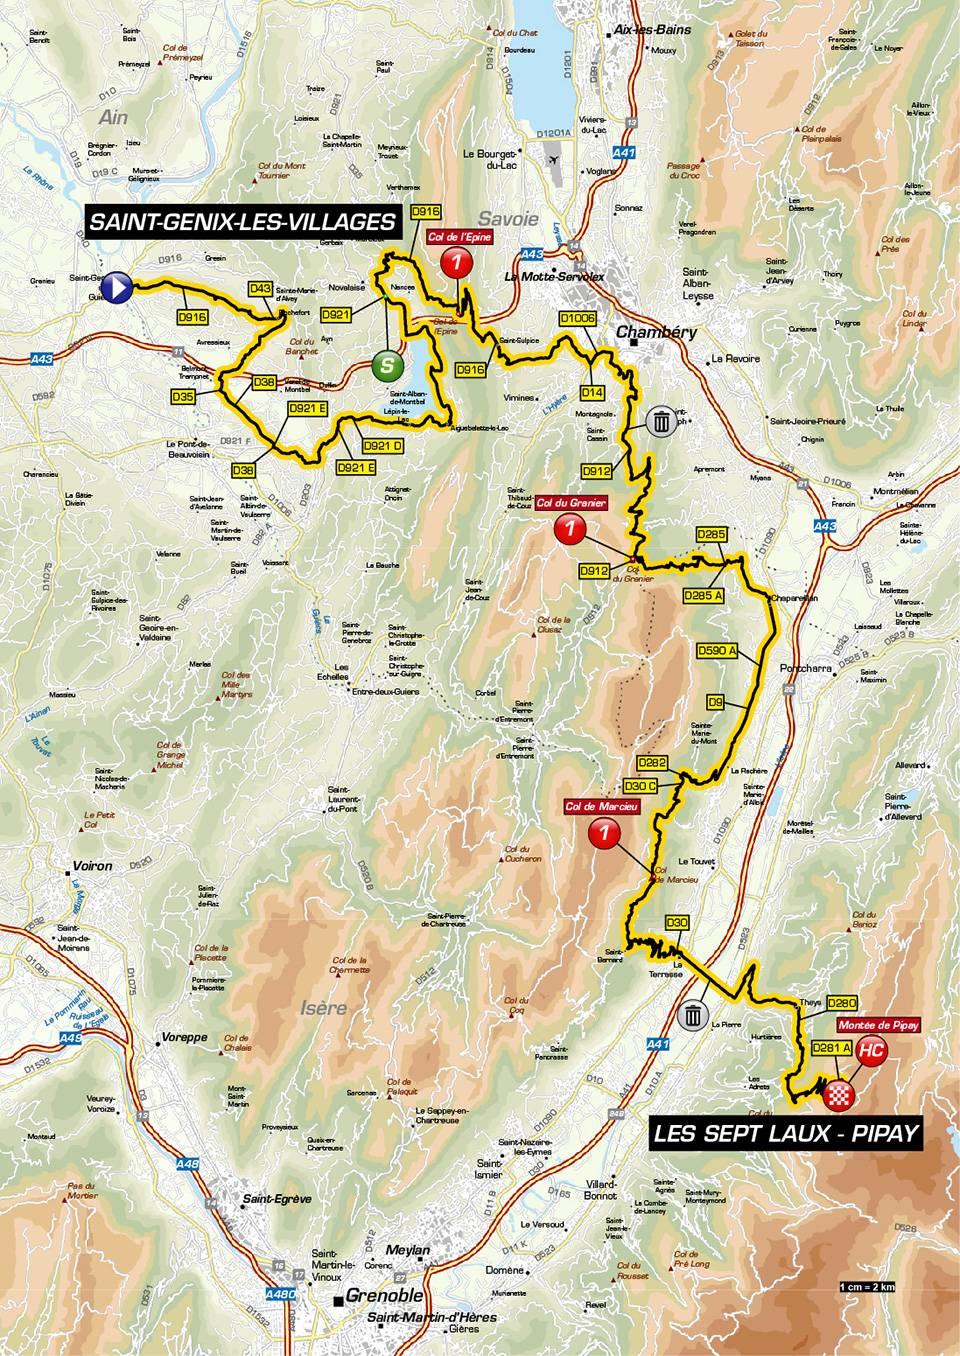 Streckenverlauf Critérium du Dauphiné 2019 - Etappe 7